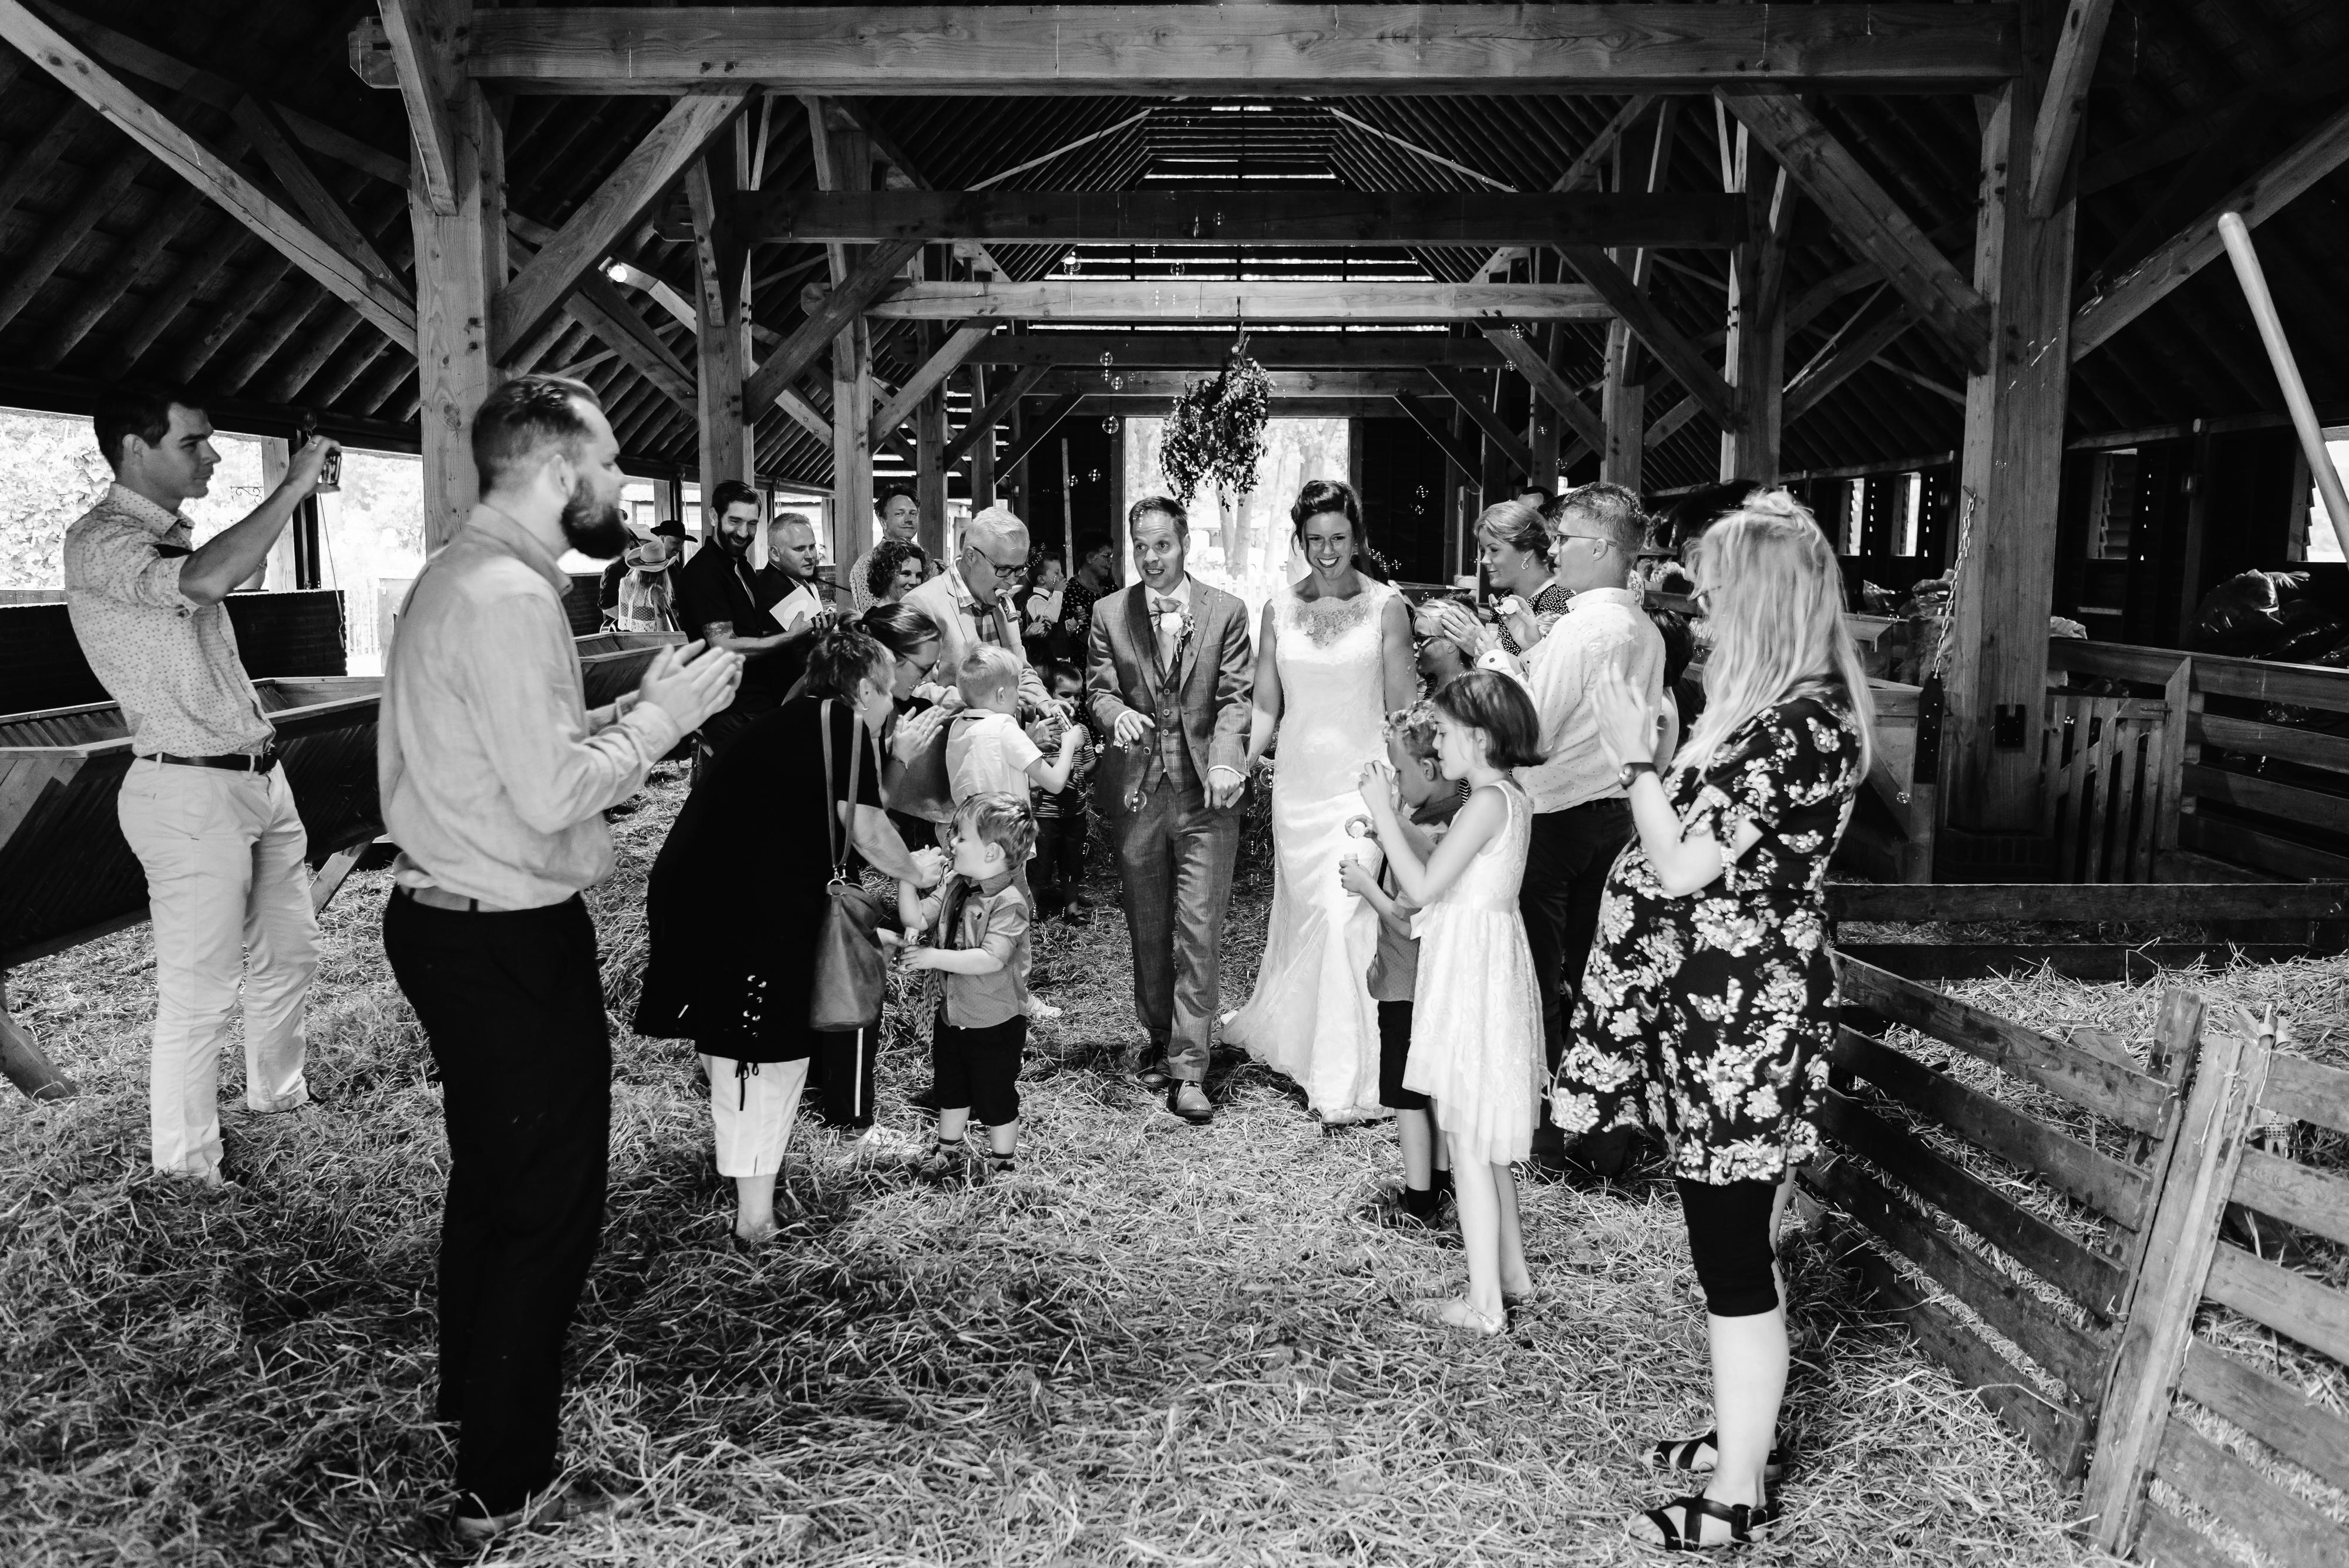 bruidsfotografie Assen, Balloërveld, jantina fotografie, natuurlijk licht fotograaf, zwart/wit fotografie, trouwen, witte jurk, op de heide, bomen, gezinsfotografie, kinderen bij trouwen, schaapskooi, Drenthe